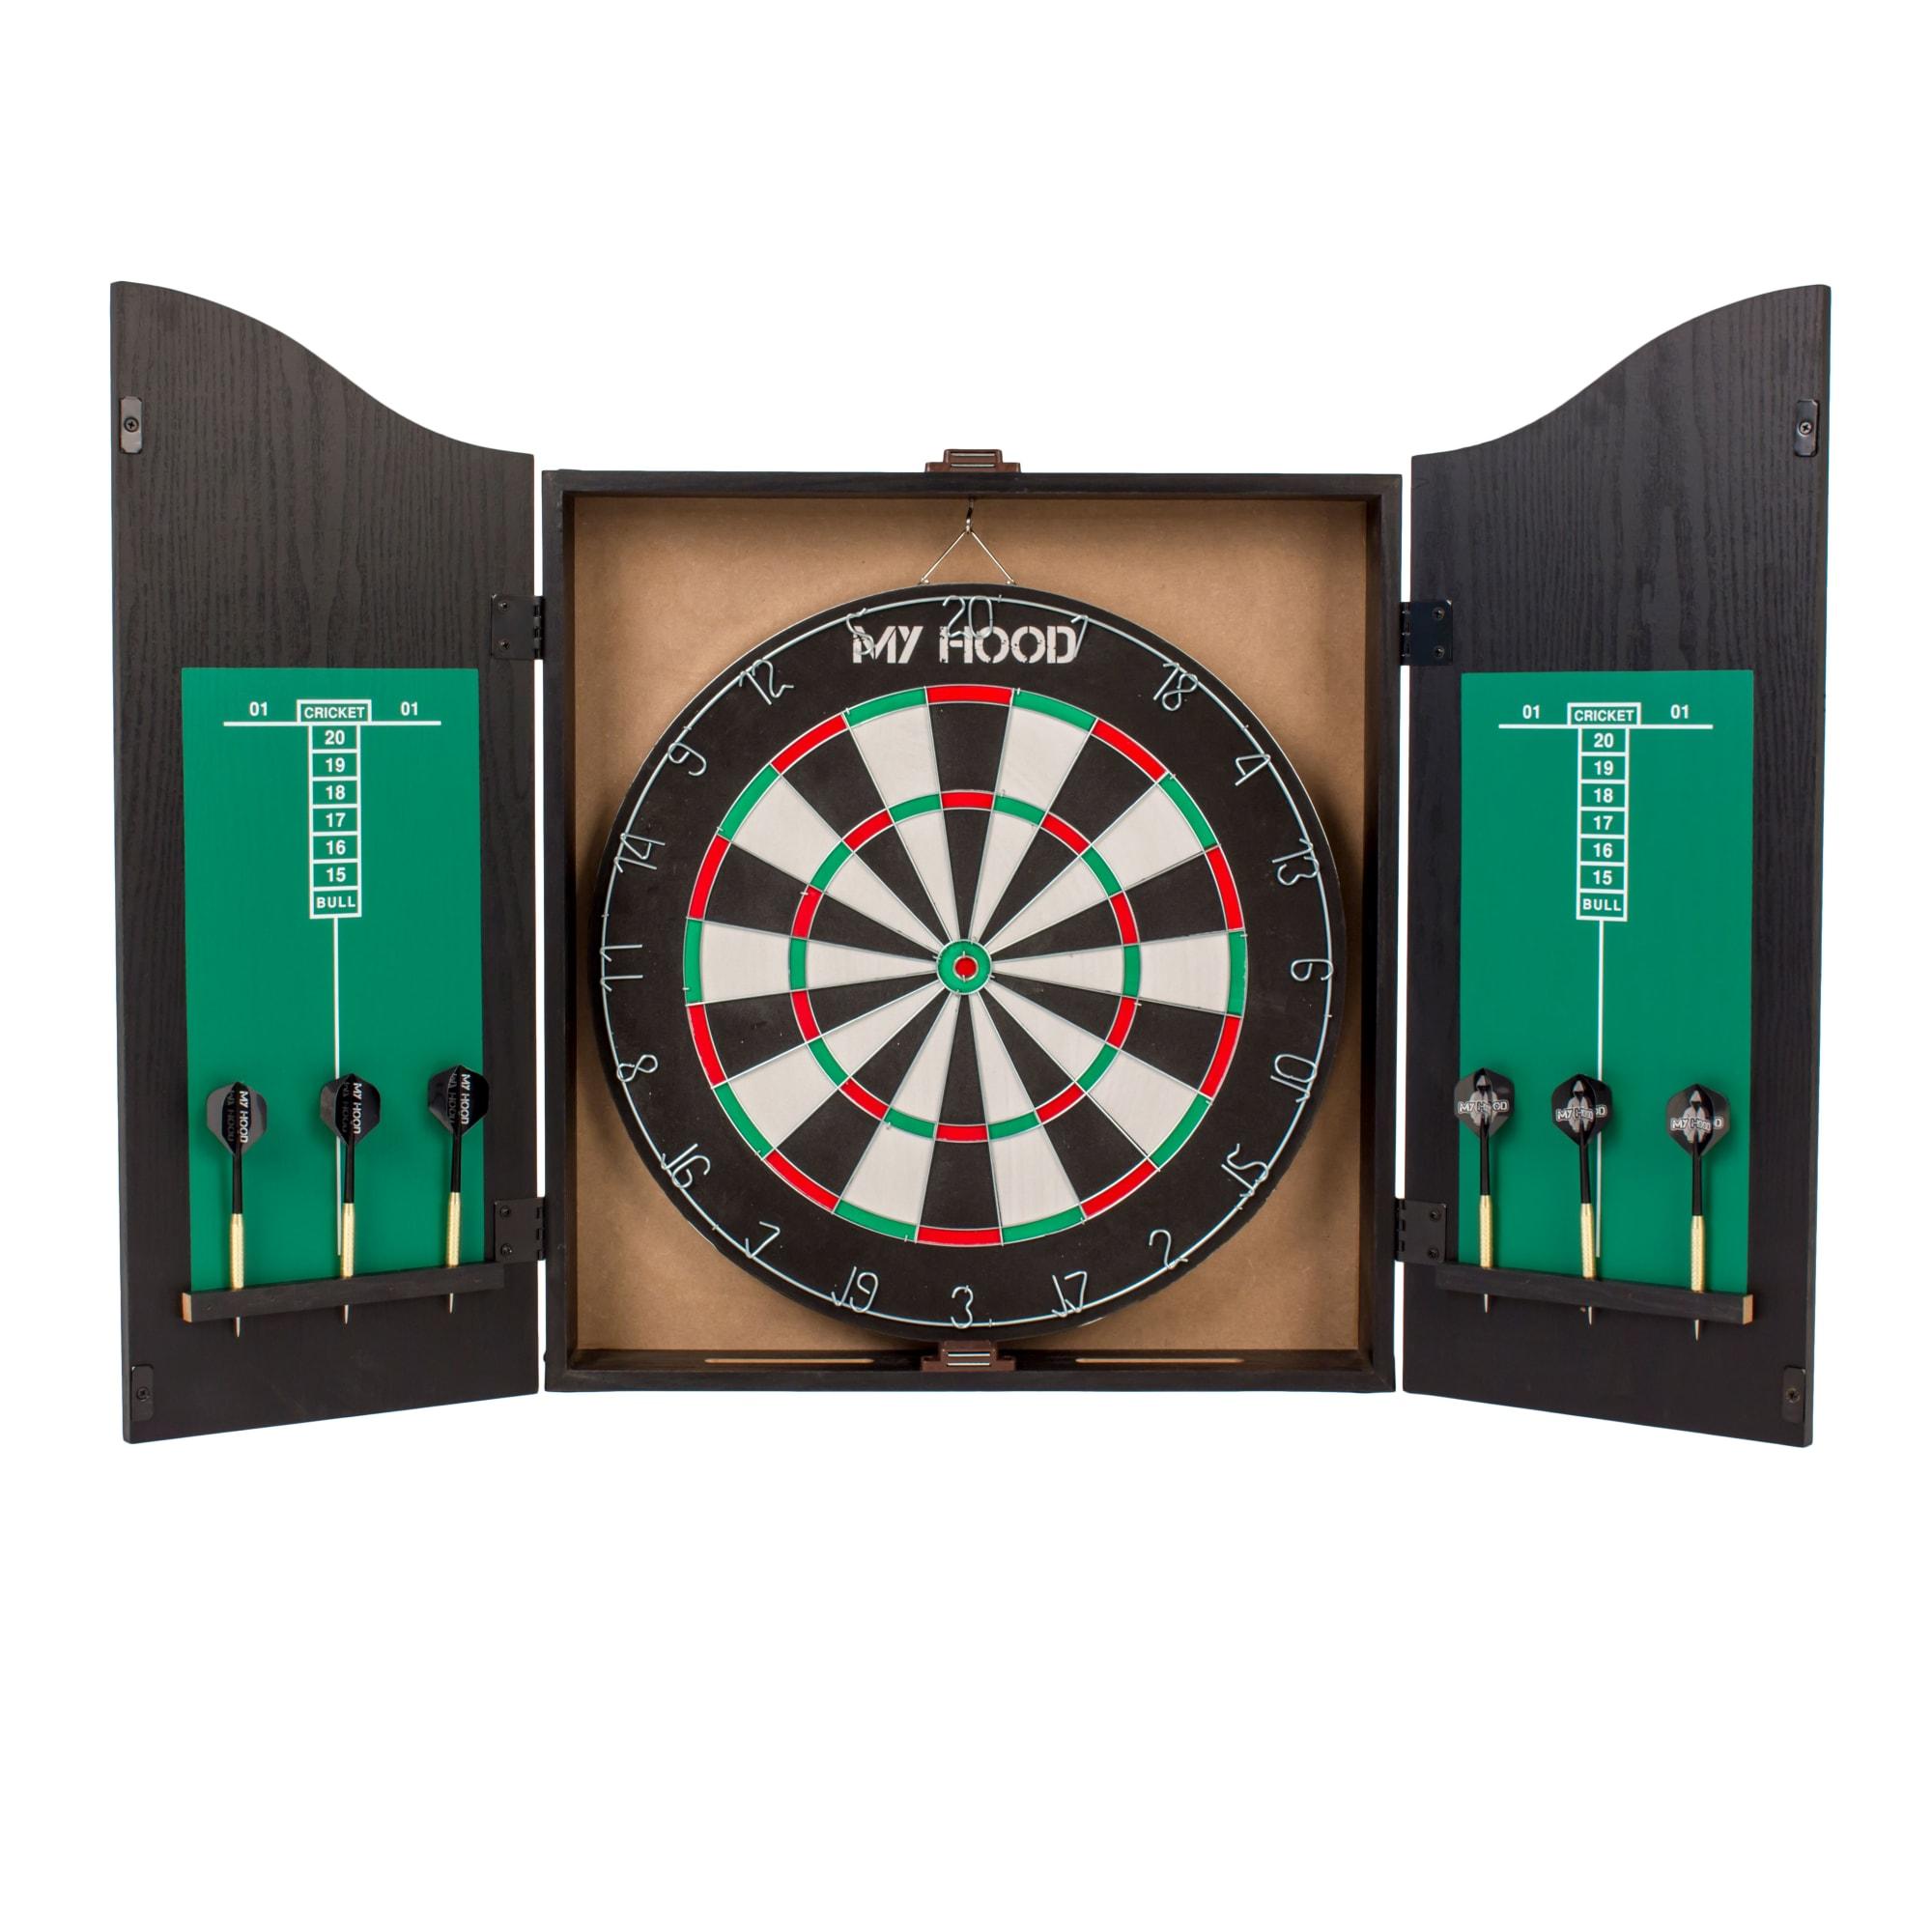 Inkl. 6 pile - Vendbar skive med Target Game på den anden side